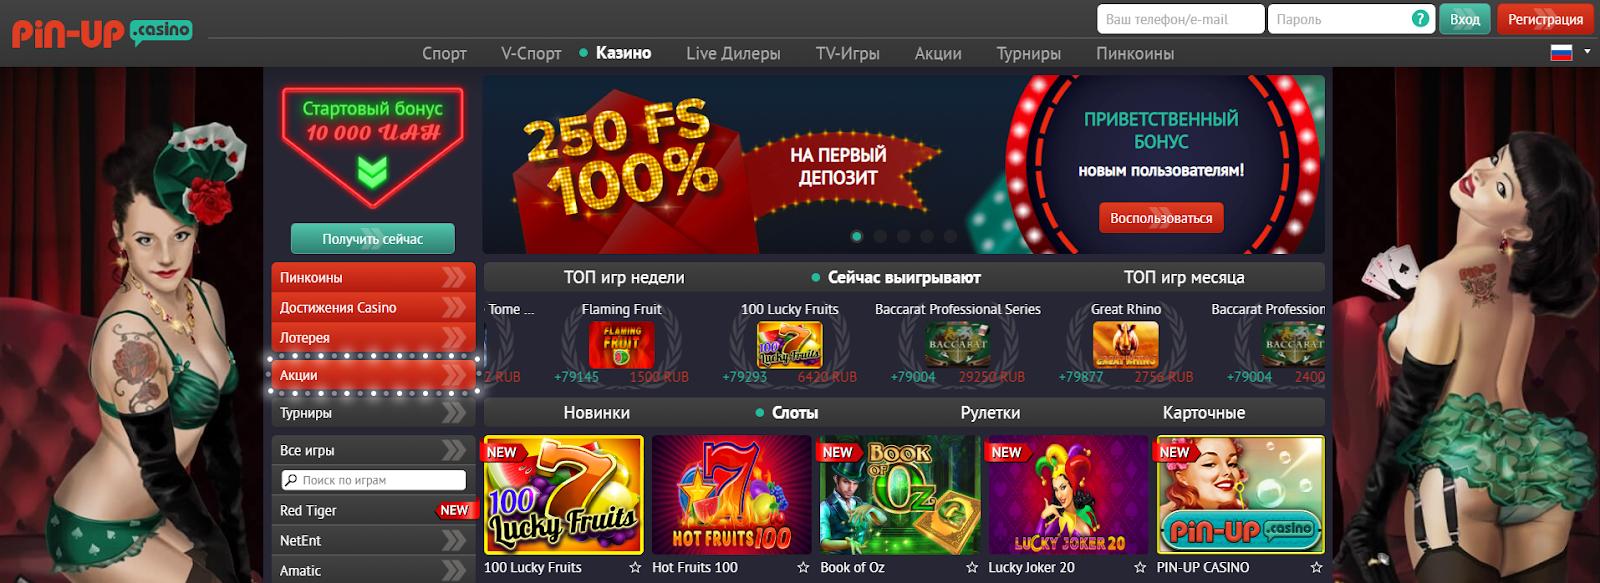 Pin Up Casino официальный сайт в AZ